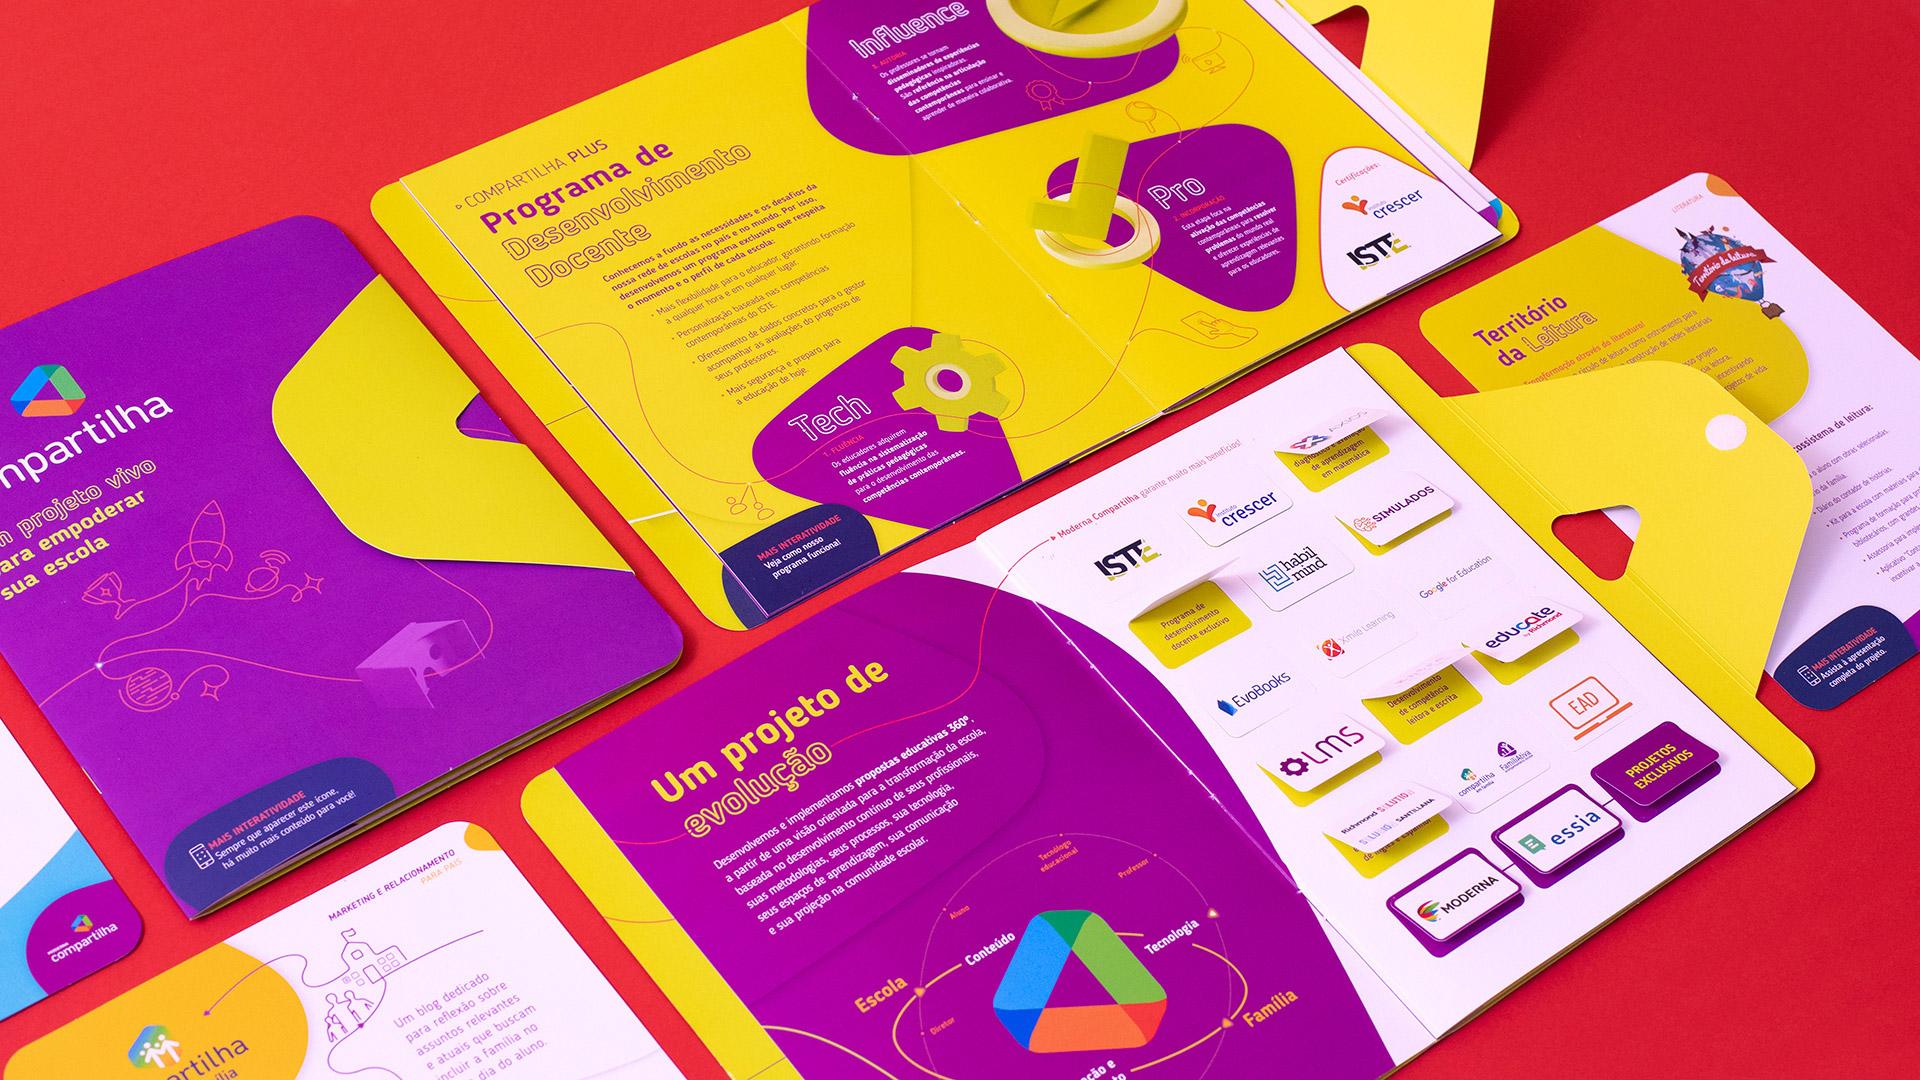 Páginas internas do Catálogo Moderna Compartilha